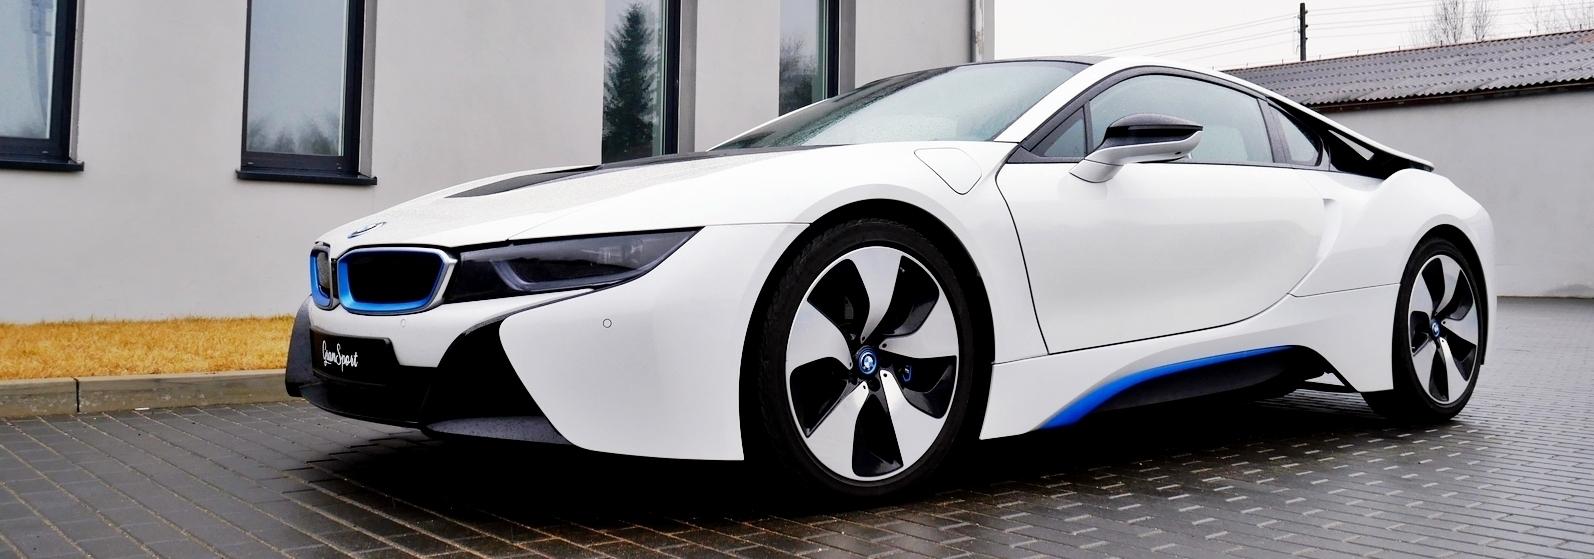 BMW i8 Maxhaust